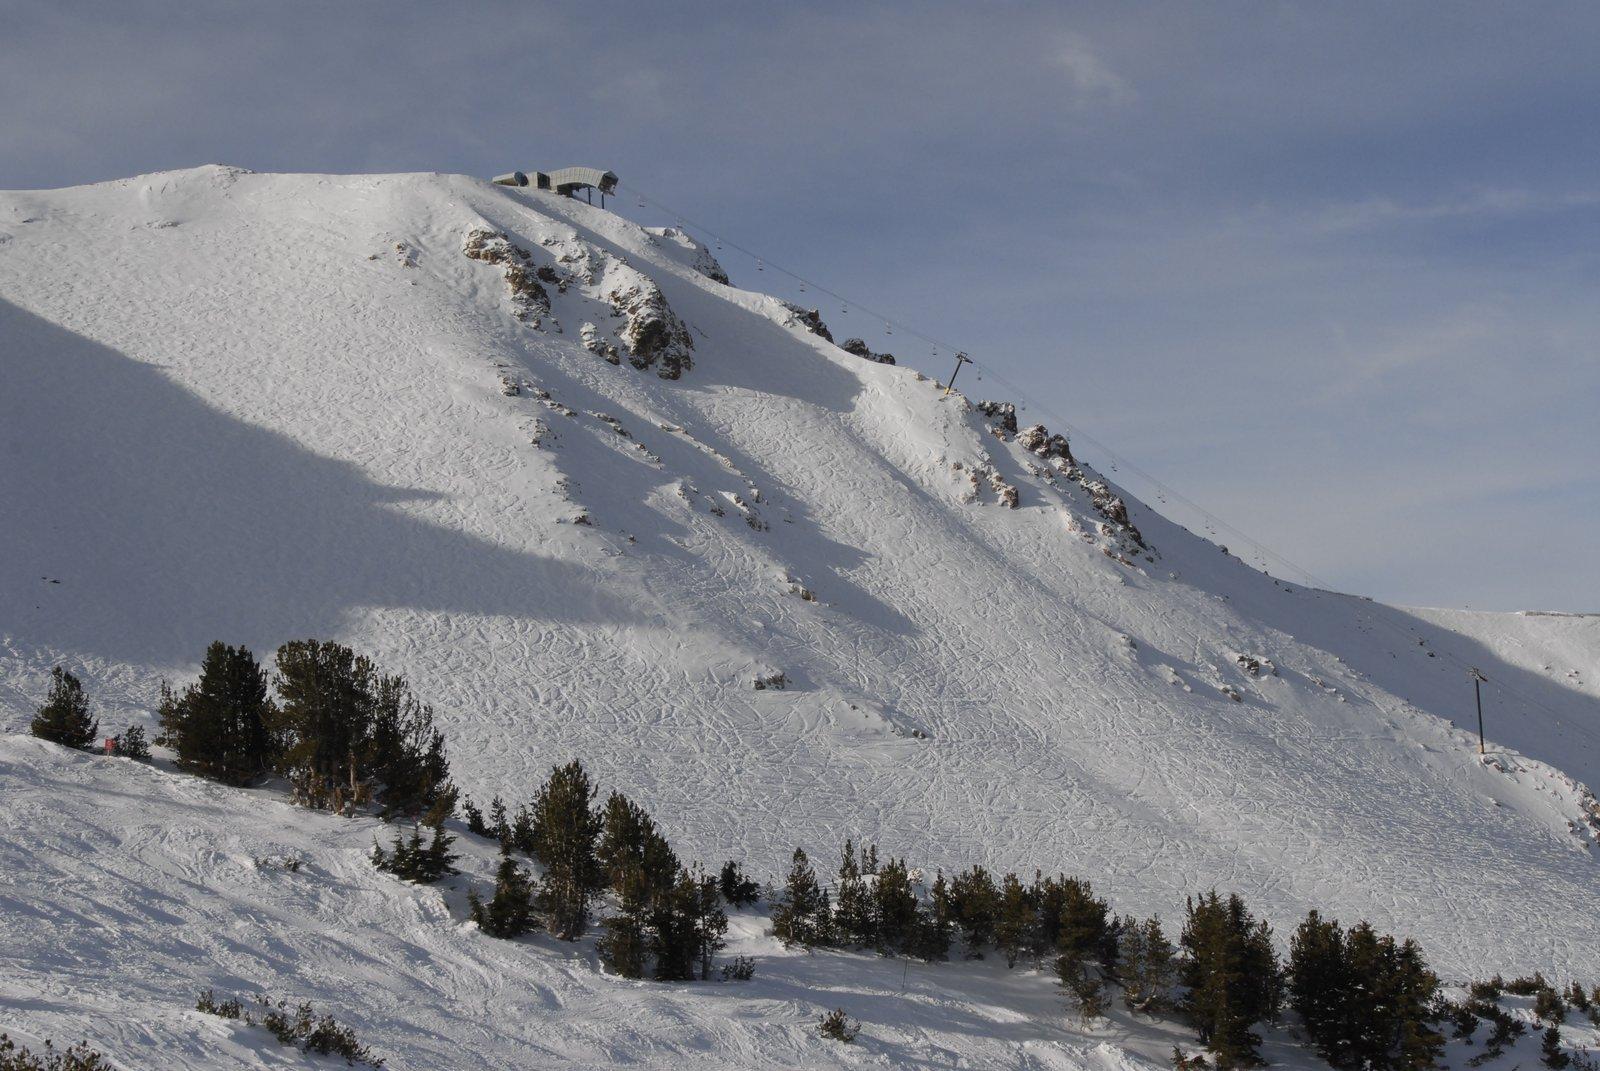 Mammoth Mountain on 11/11/08